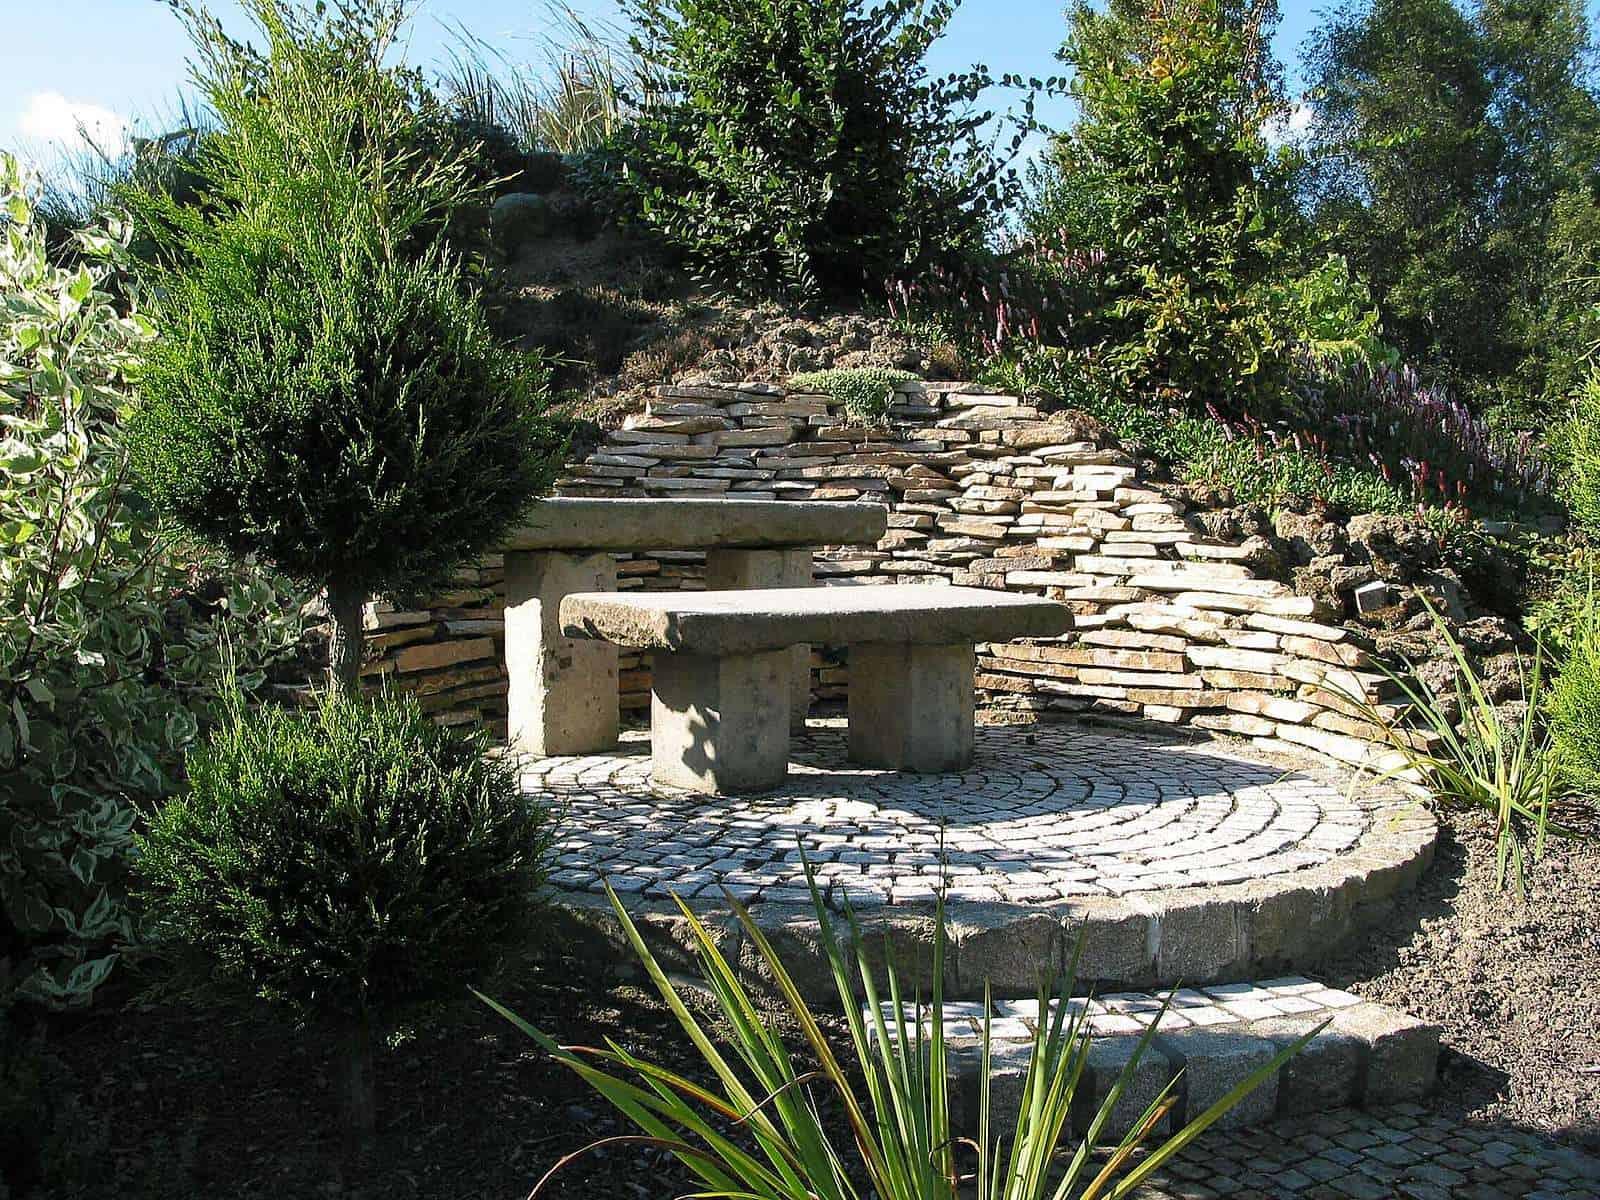 Trockenmauer aus beigem Kalkfels und Travertinpflaster. Sitzgruppe aus Naturstein.